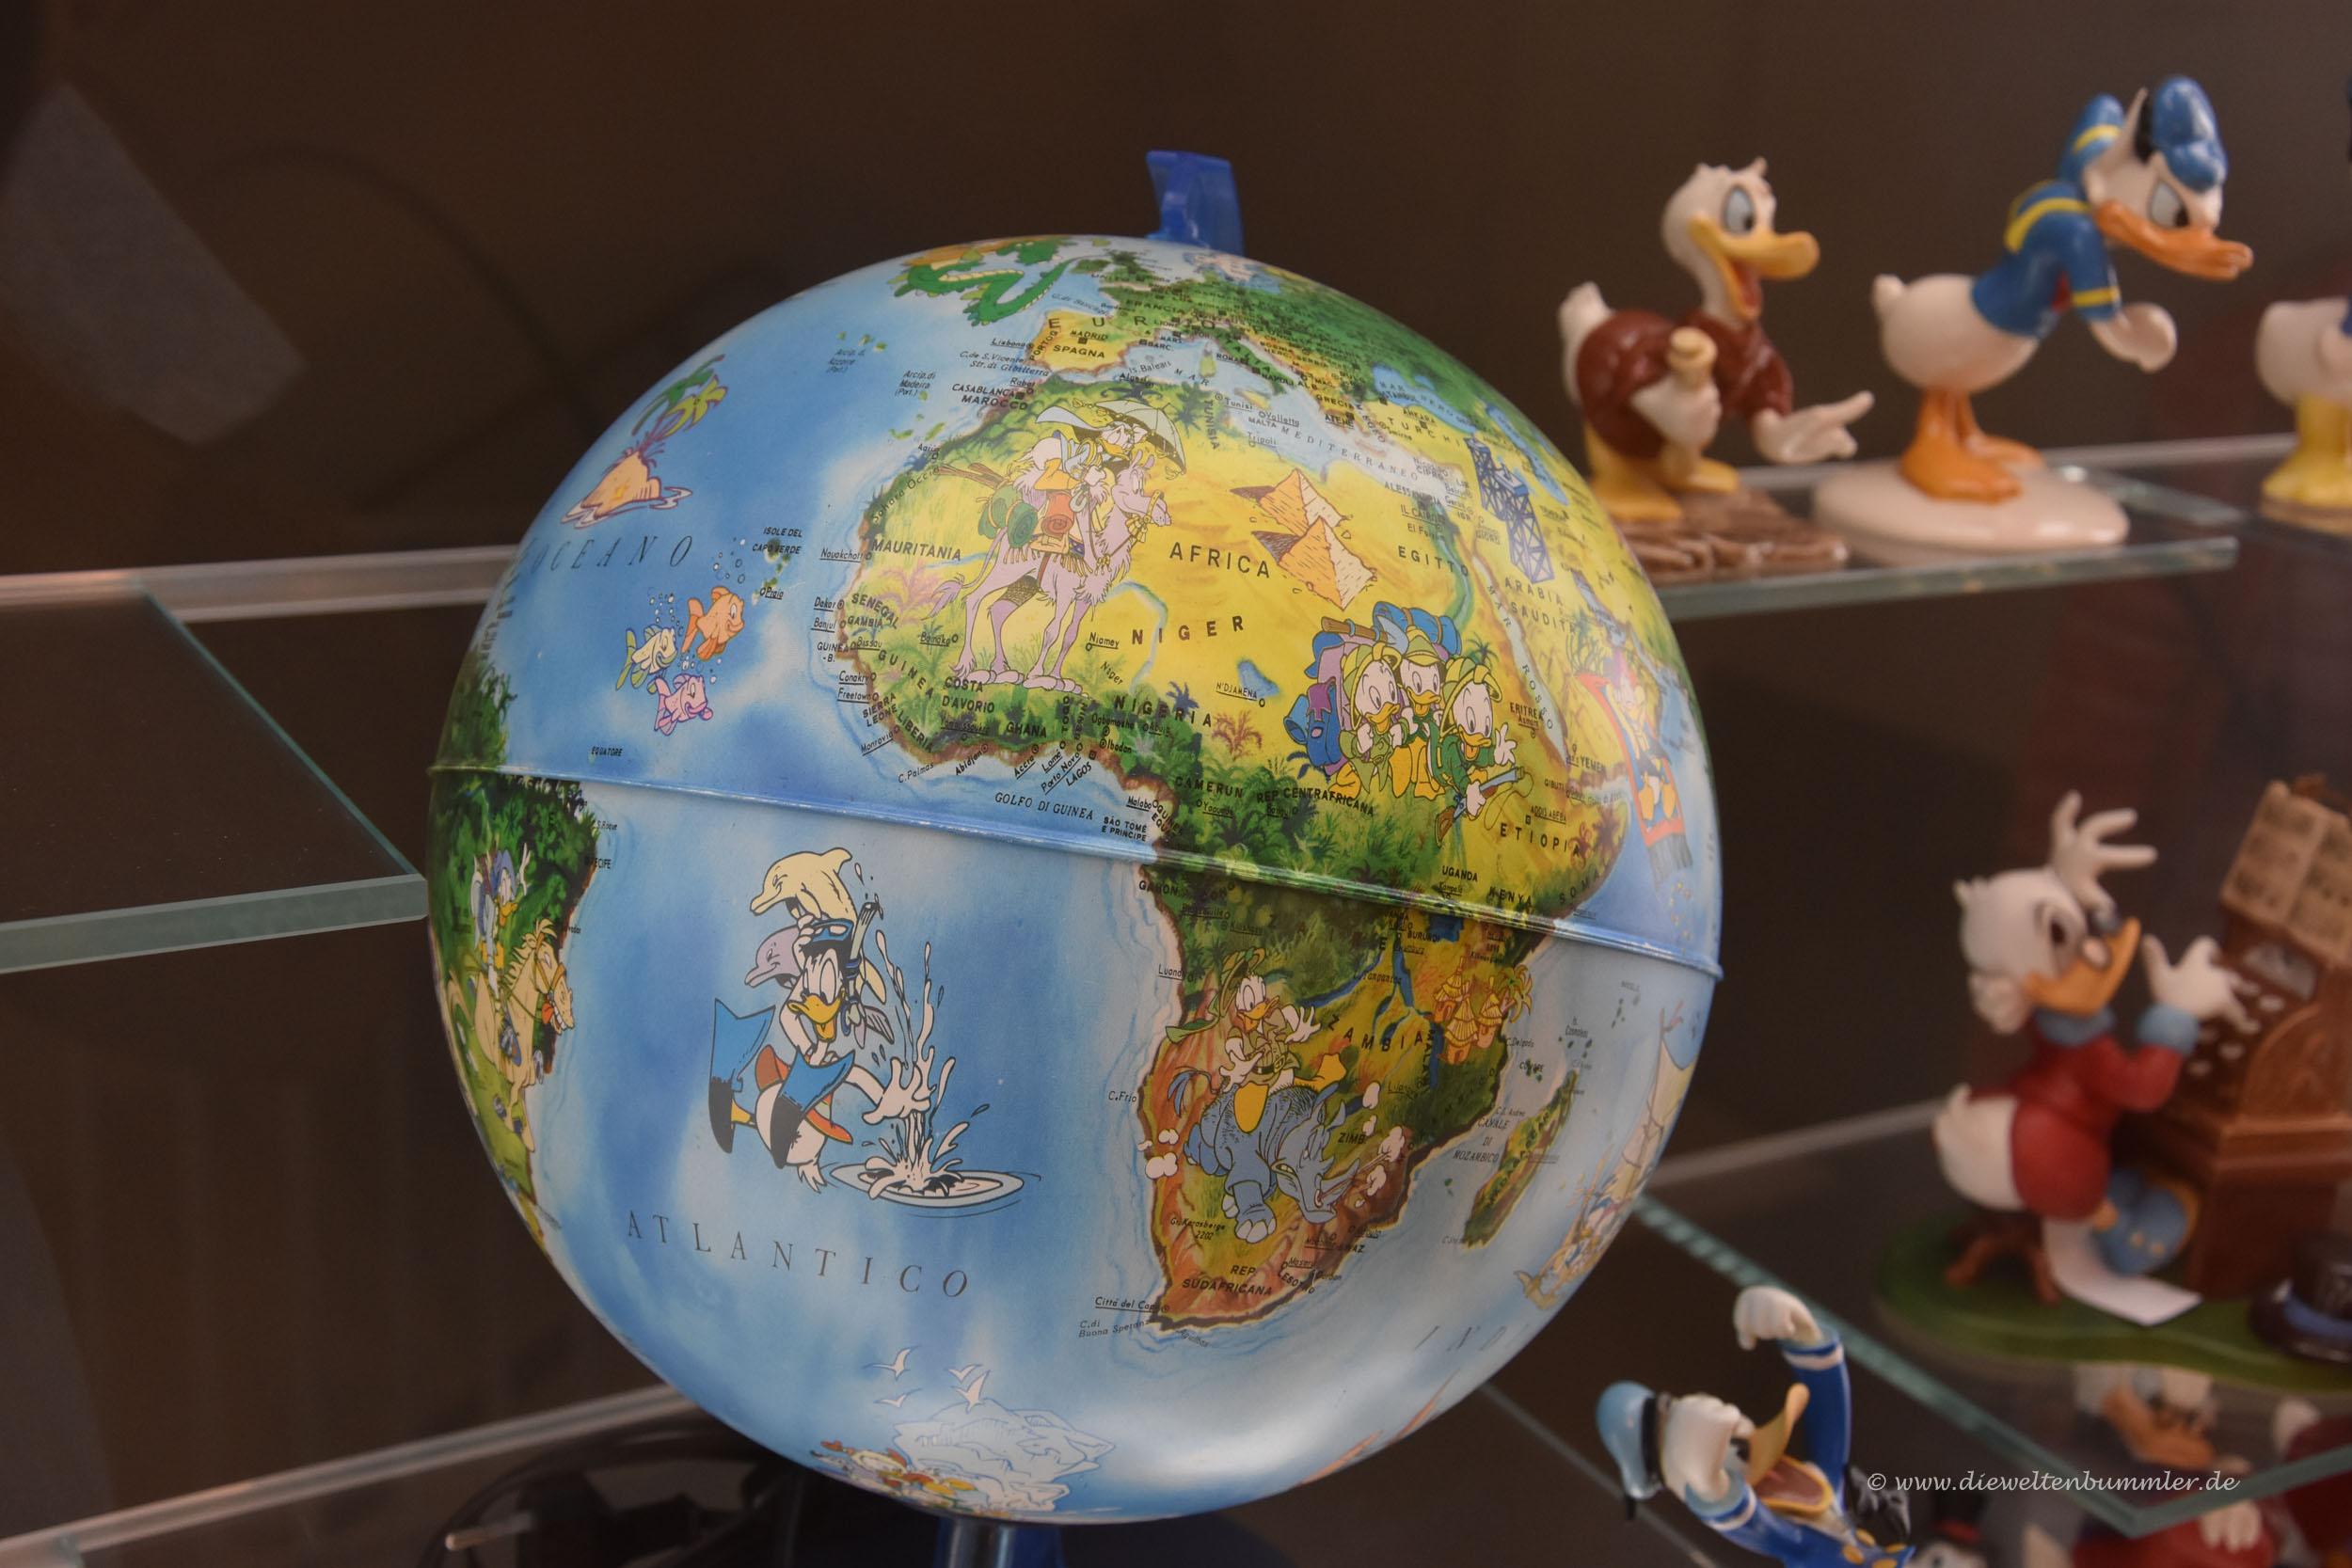 Als vielreisender liebe ich diesen Globus